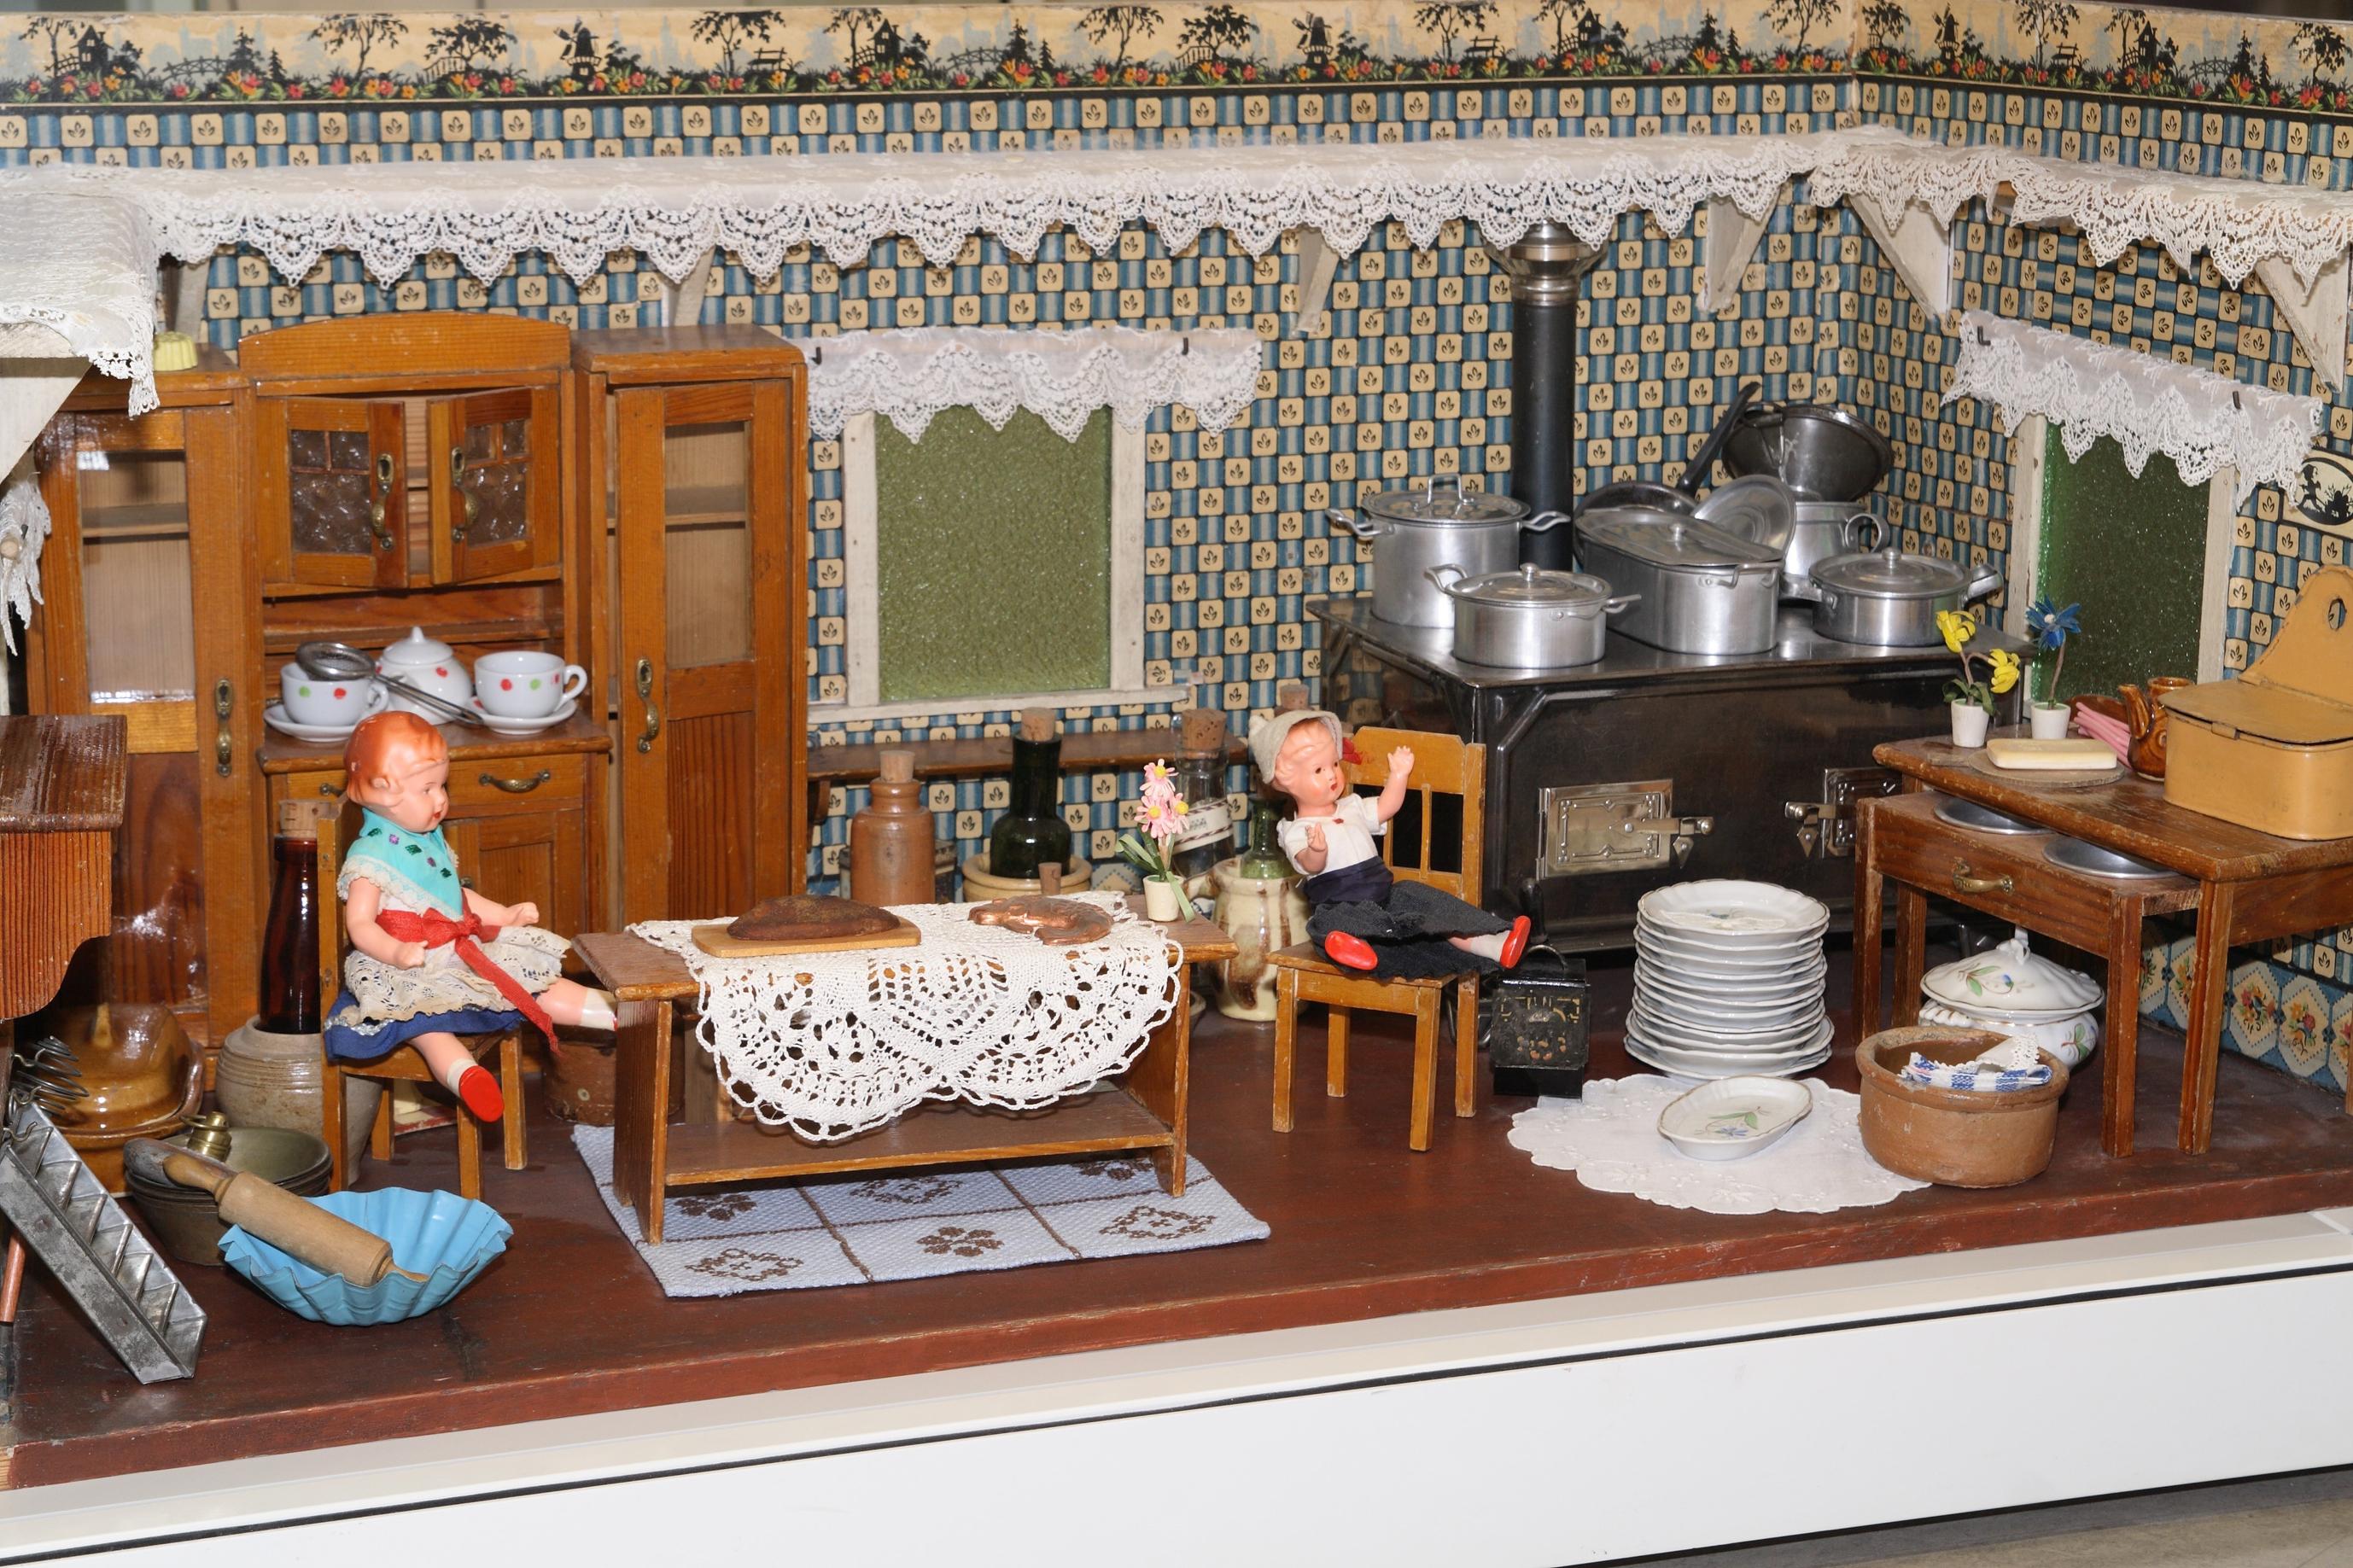 Küchen ausstellung wien  Kinder   Großmutters Küchenuhr & Pralinenworkshops   findART.cc alte ...